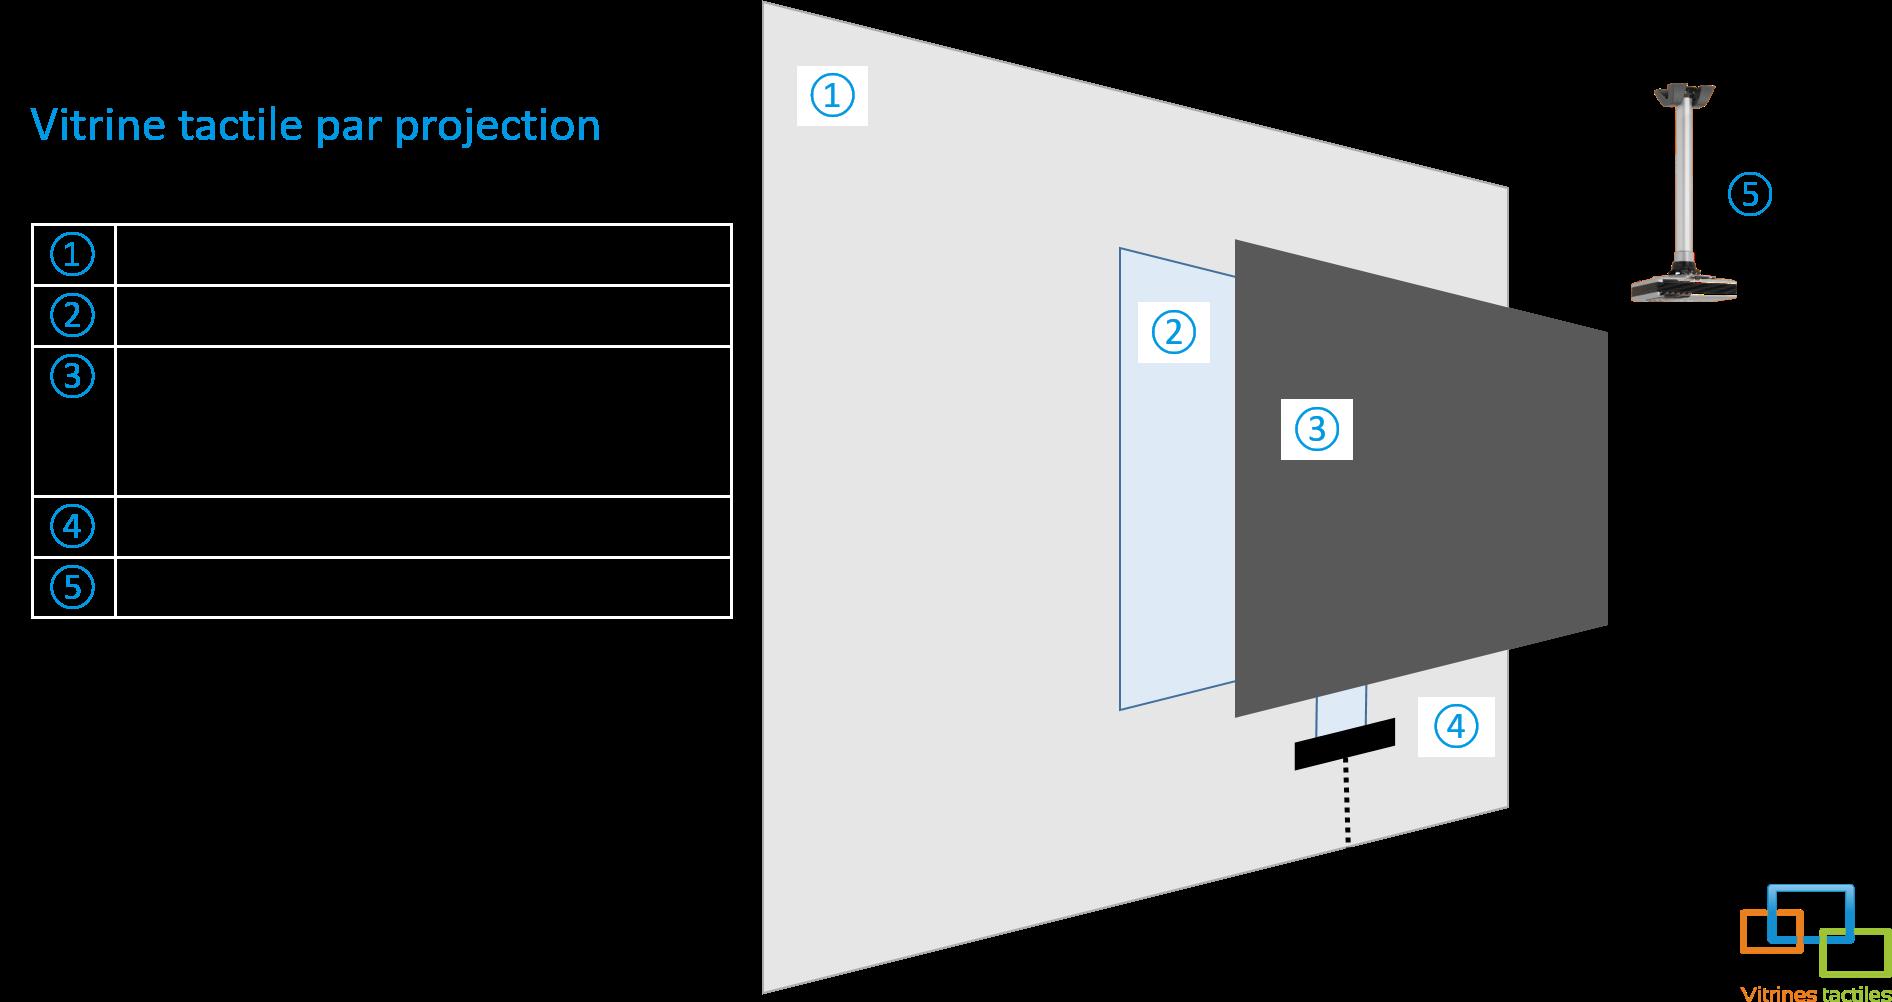 Vitrine tactile par projection